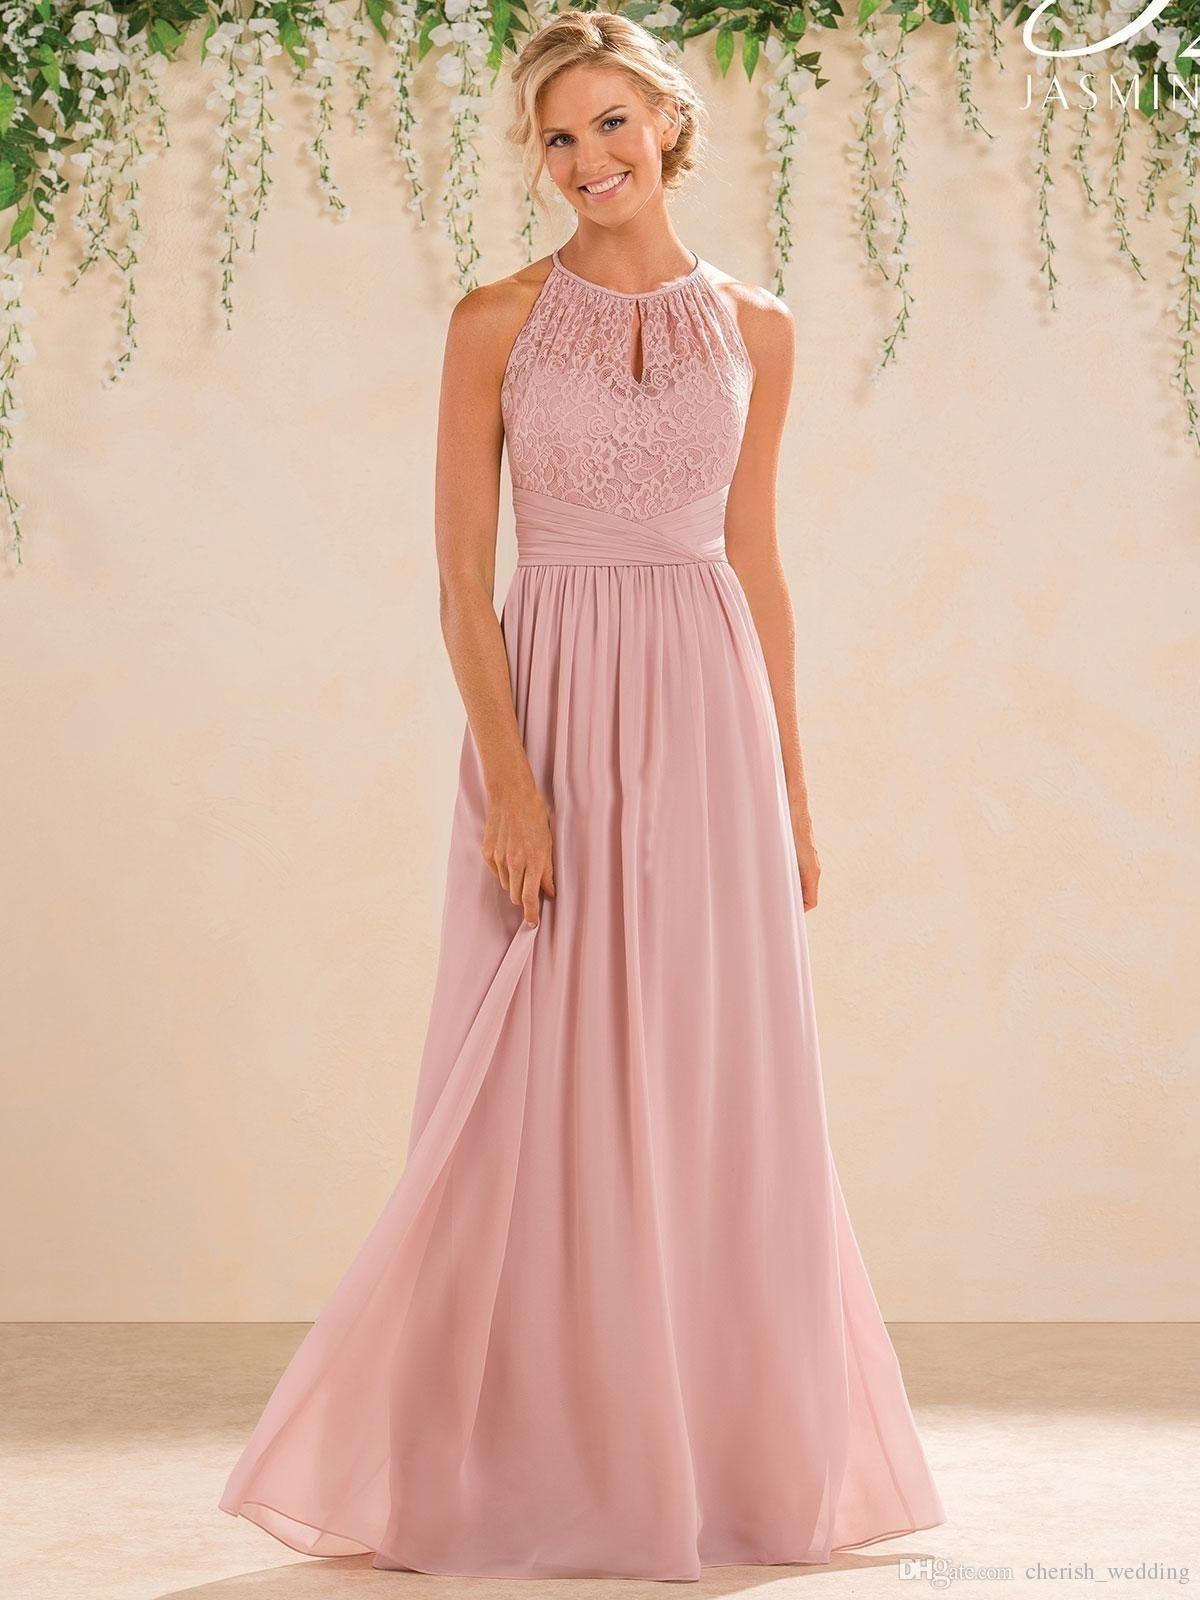 17 Top Abendkleid Hochzeitsgast SpezialgebietDesigner Luxurius Abendkleid Hochzeitsgast Design